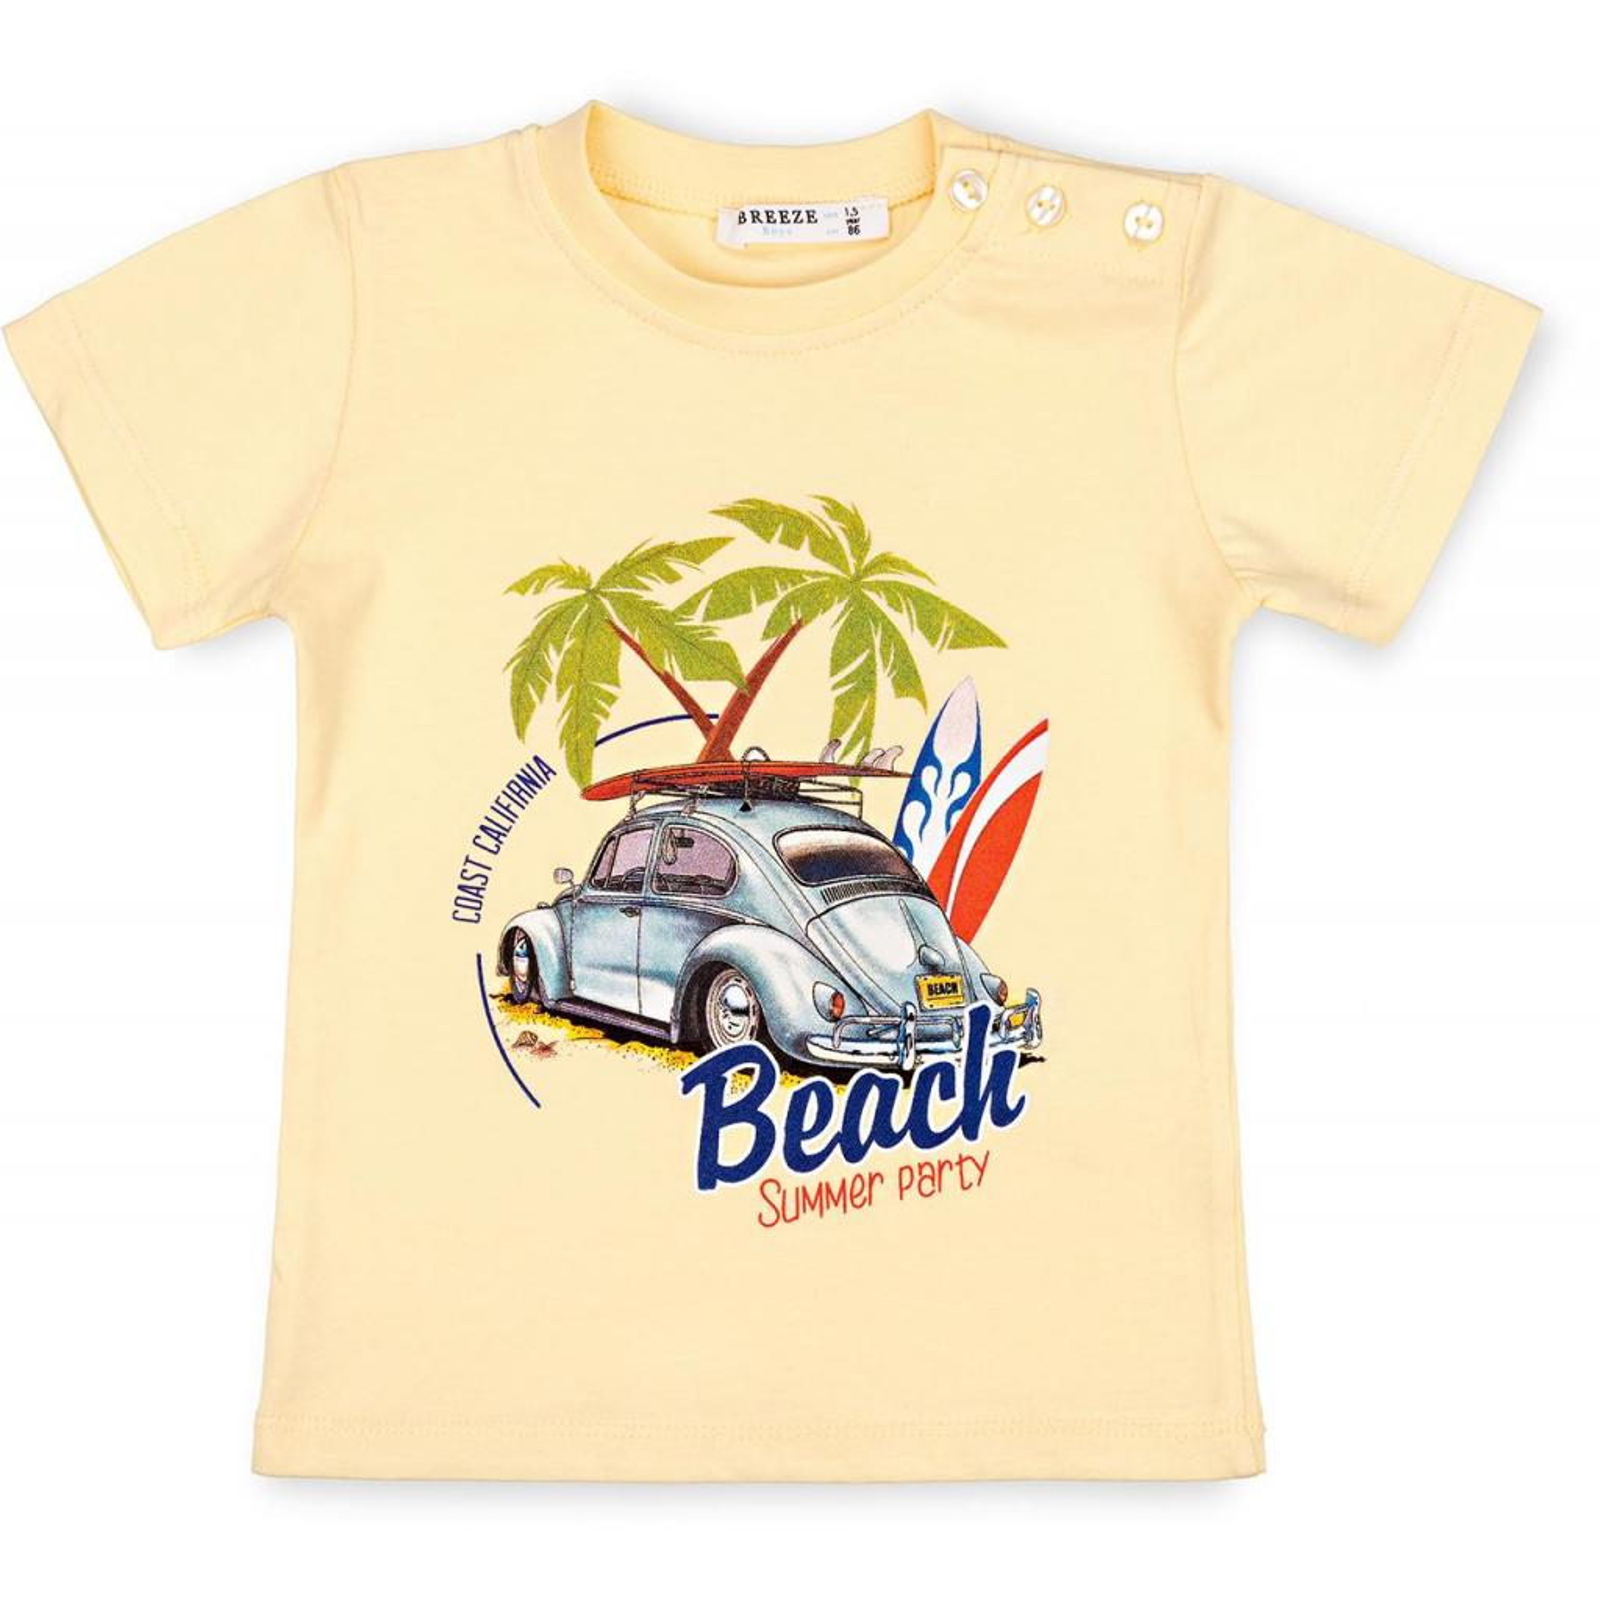 Набор детской одежды Breeze с машинкой (10940-110B-yellow) изображение 2